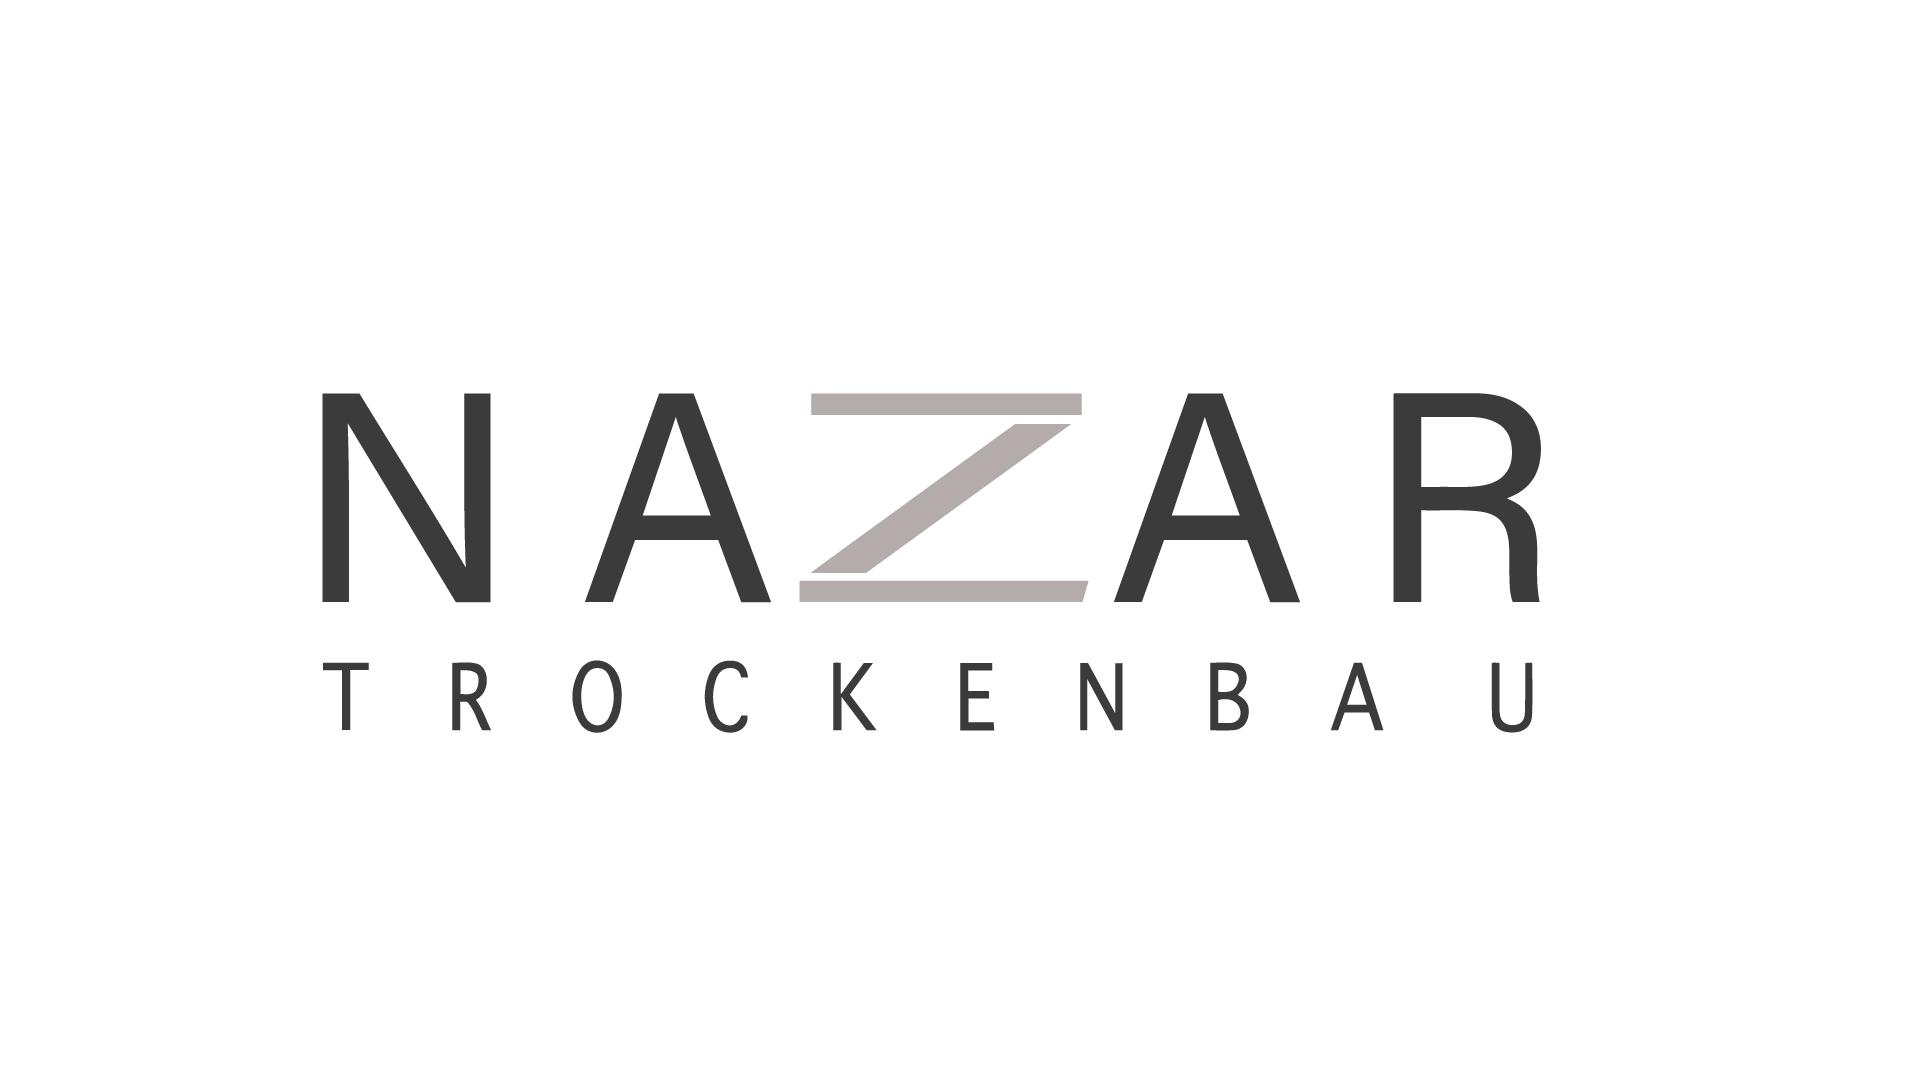 NAZAR_logo_1-1